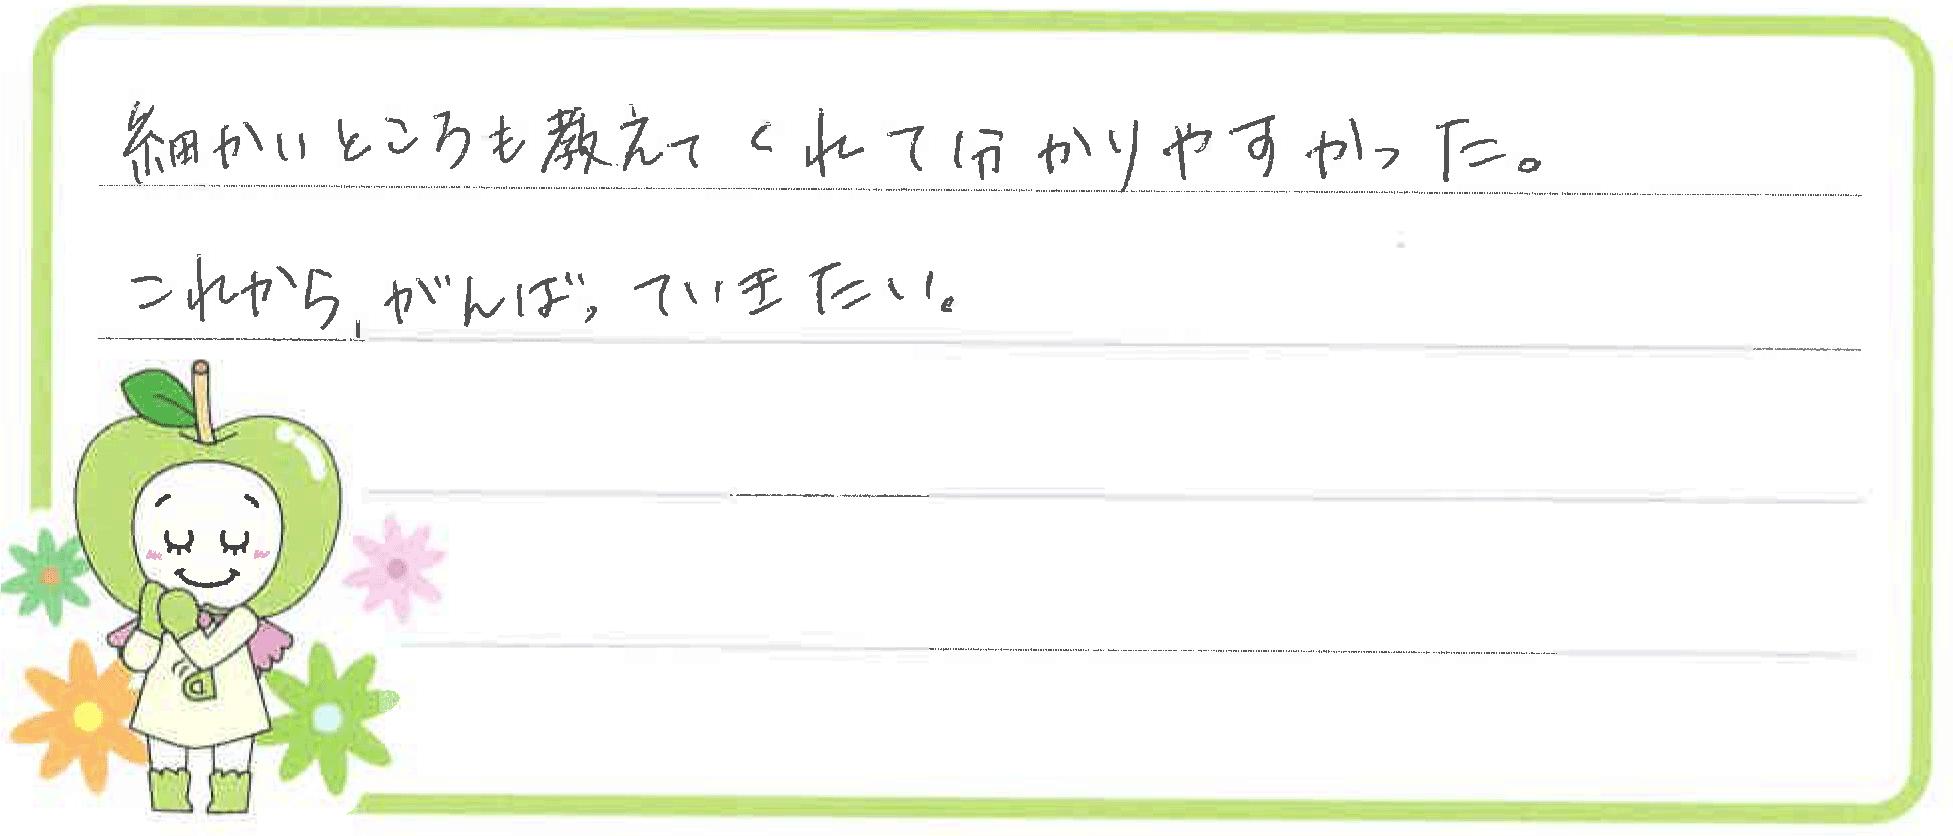 ななちゃん(米子市)からの口コミ